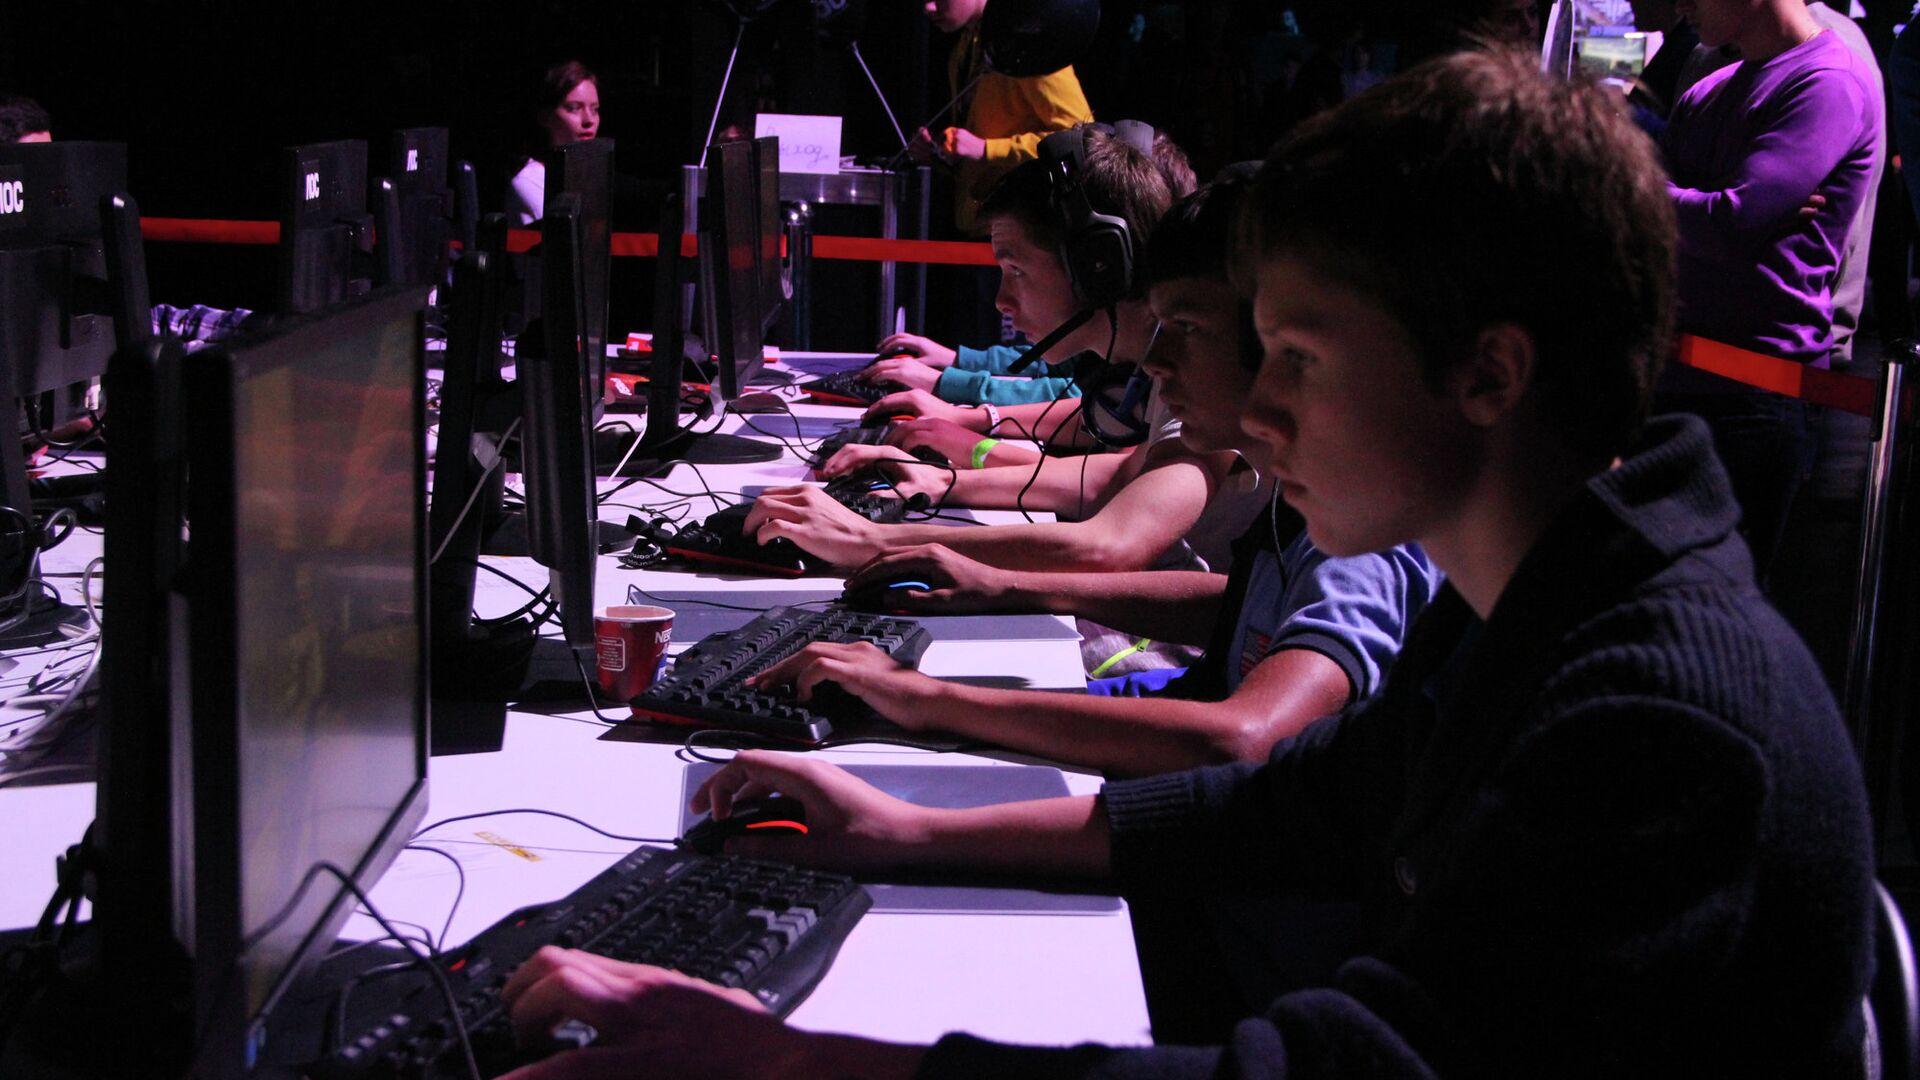 Люди идут в компьютерные игры за впечатлениями, которых нет в реальной жизни - РИА Новости, 1920, 12.11.2020